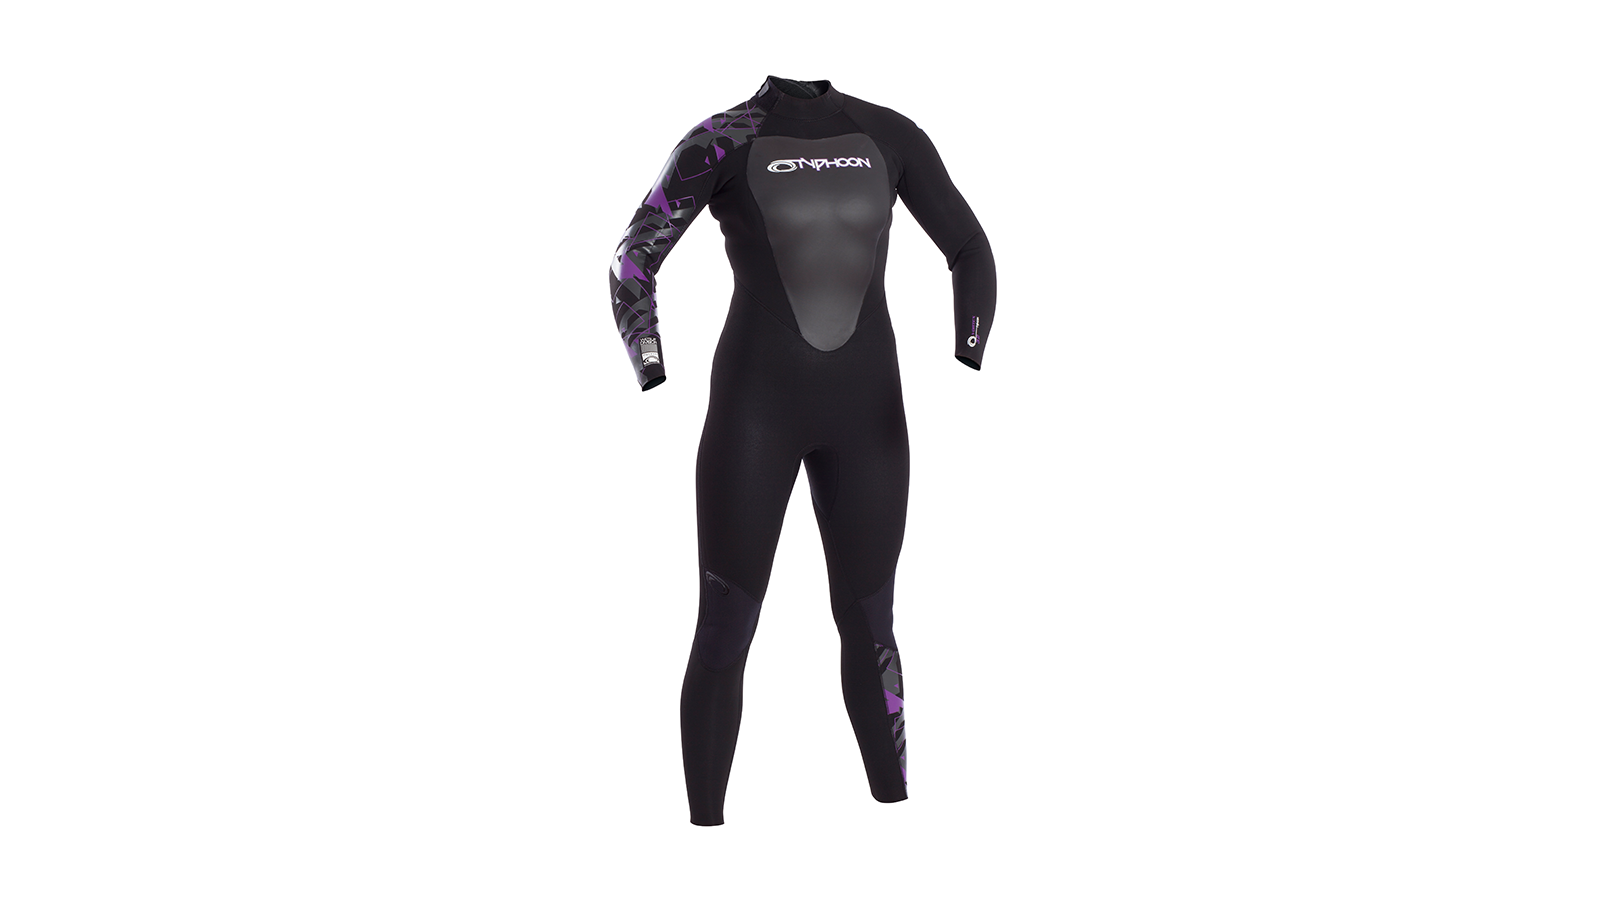 Ladies-Typhoon-Vortex-GBS_3mm-black-and-lavender